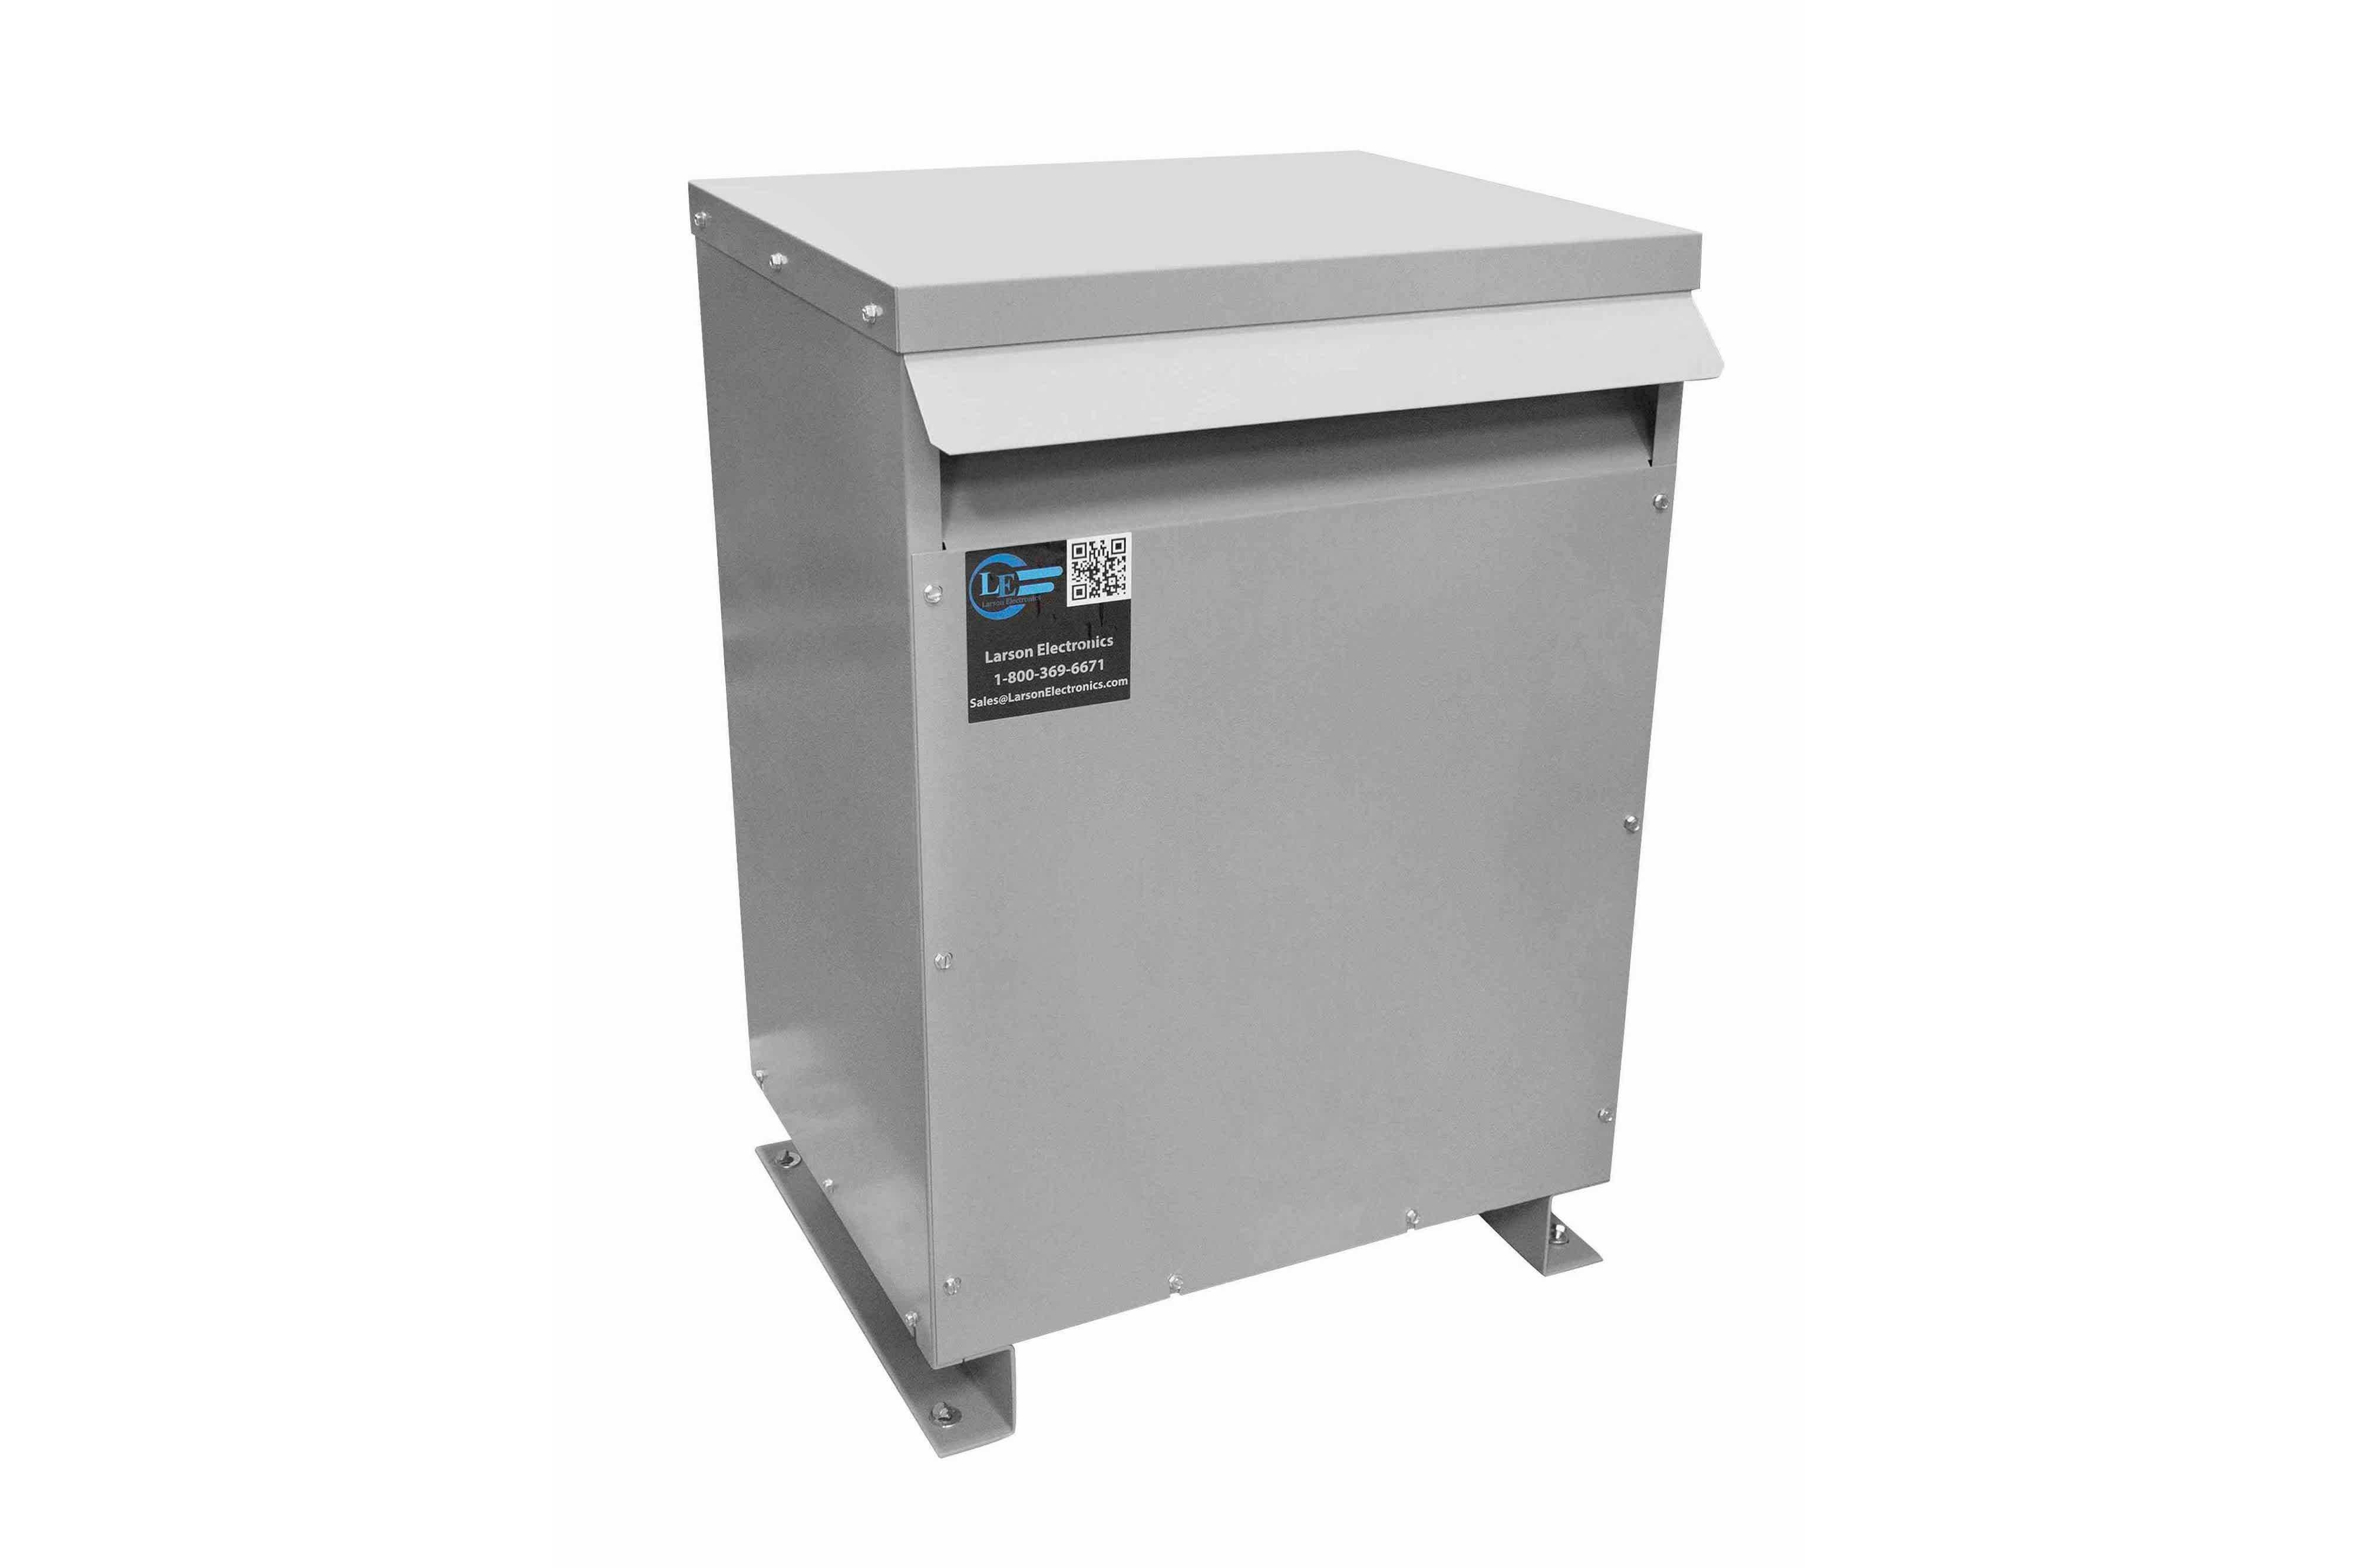 80 kVA 3PH Isolation Transformer, 480V Delta Primary, 400V Delta Secondary, N3R, Ventilated, 60 Hz